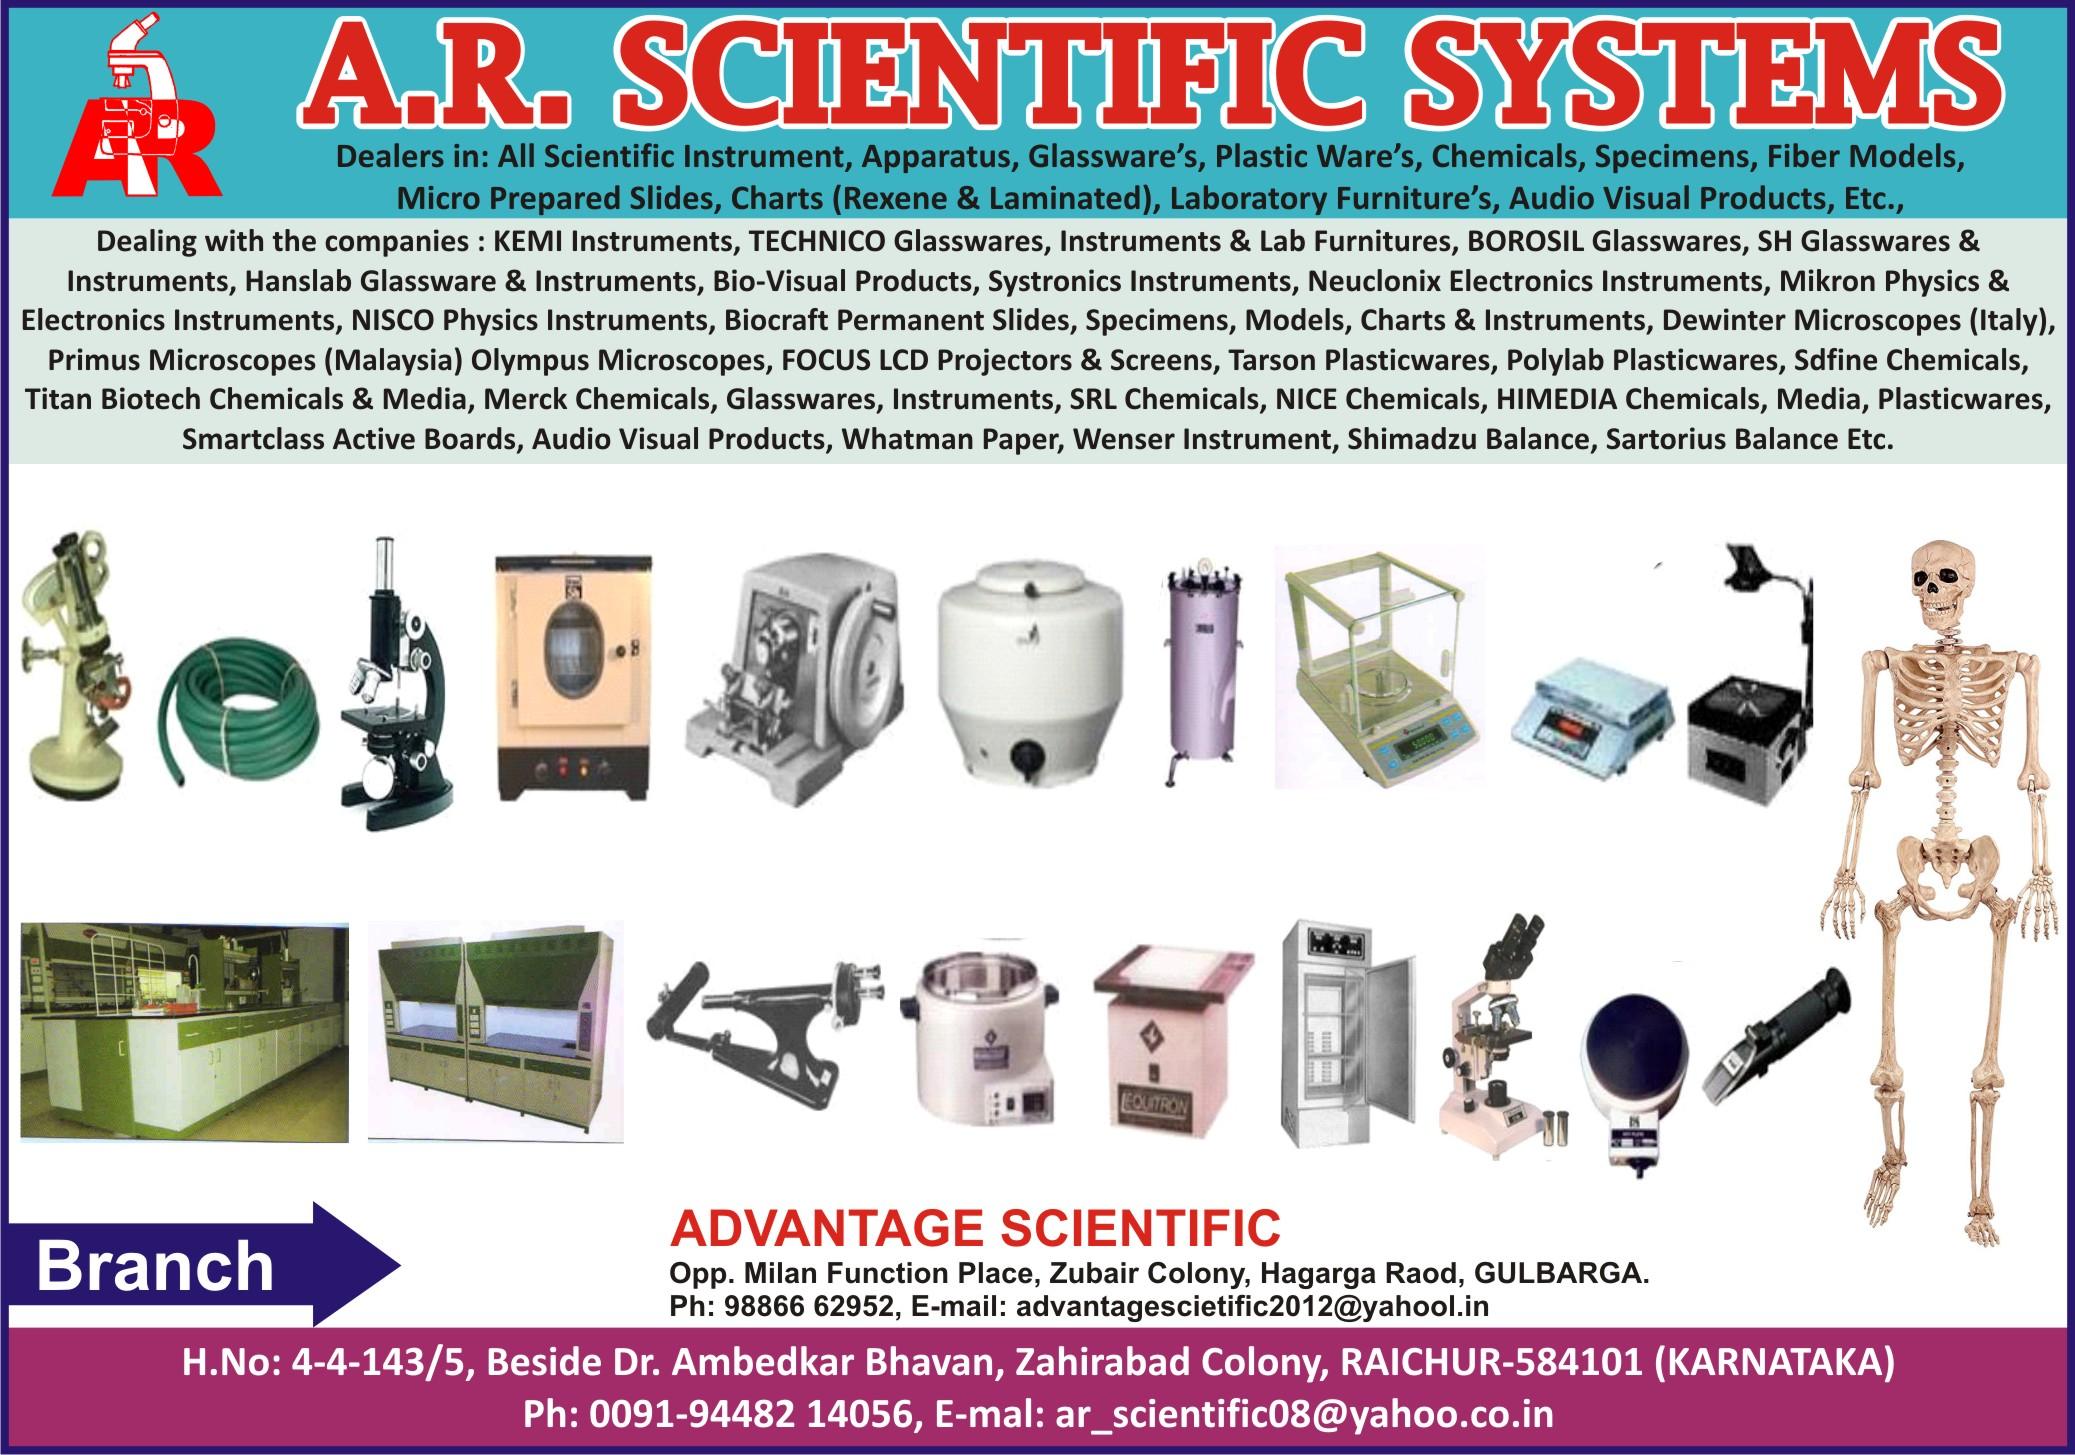 A.R. SCIENTIFIC SYSTEMS